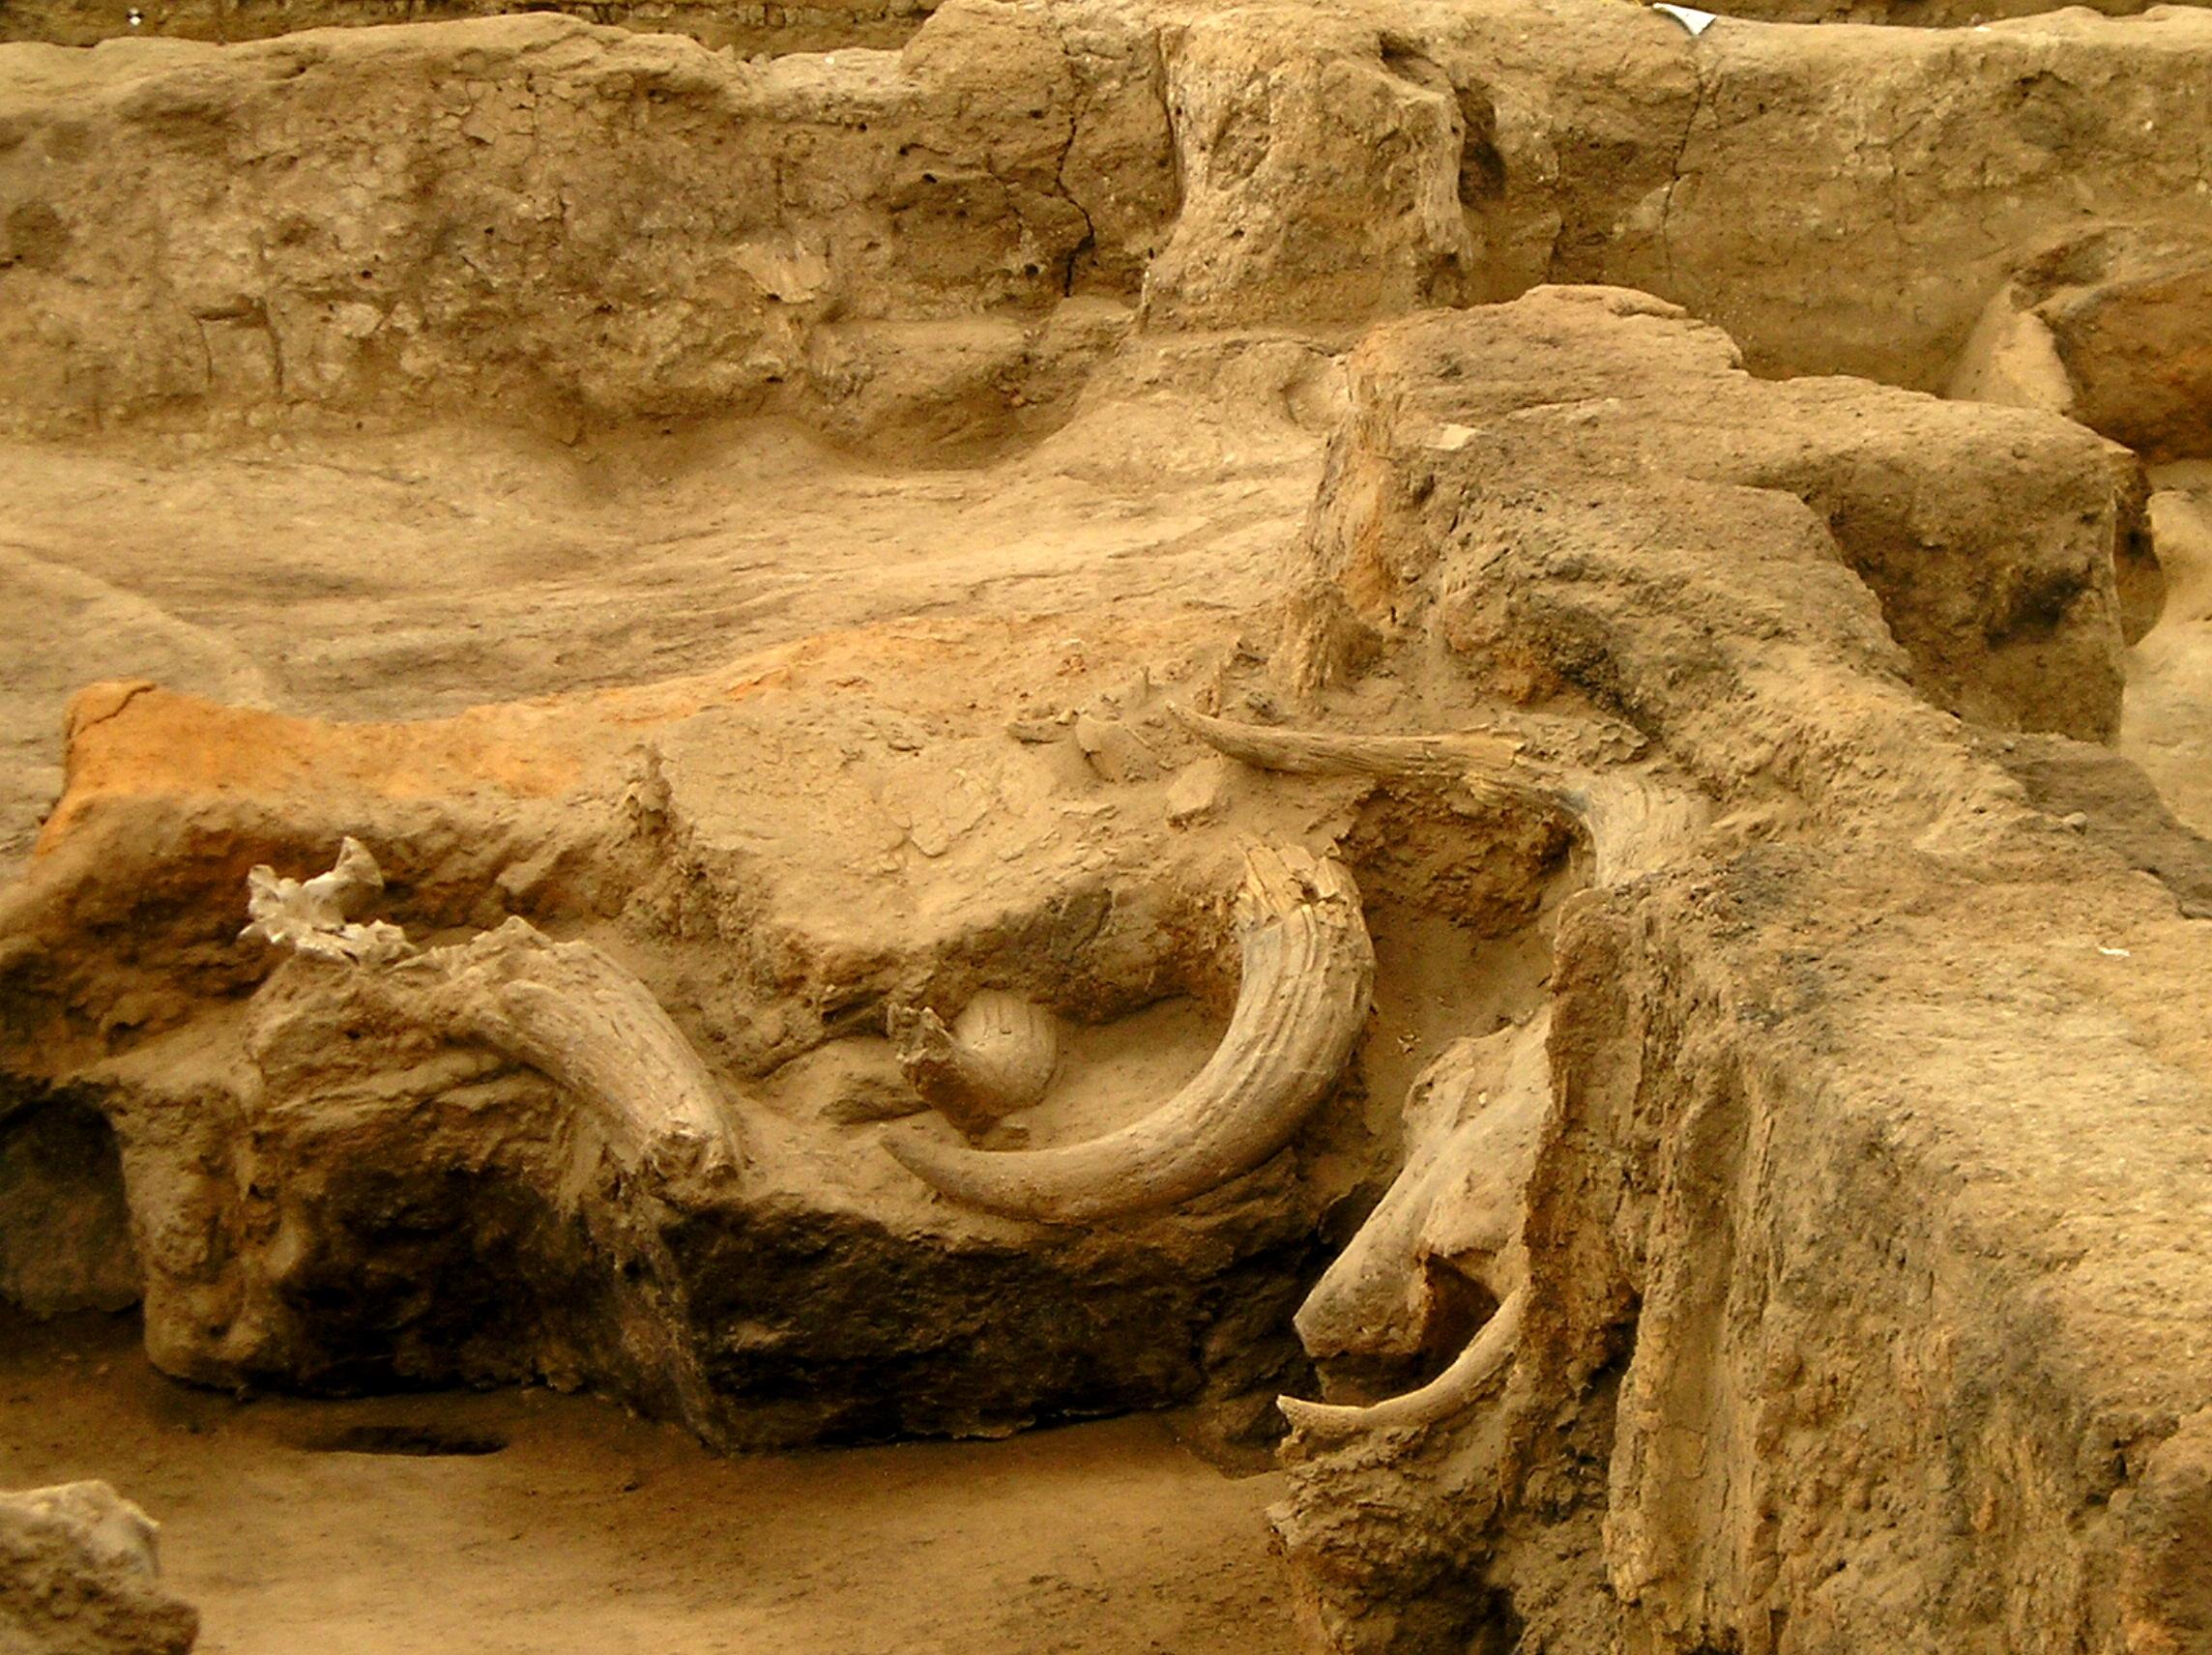 File:Çatalhöyük view 7.jpg - Wikimedia Commons